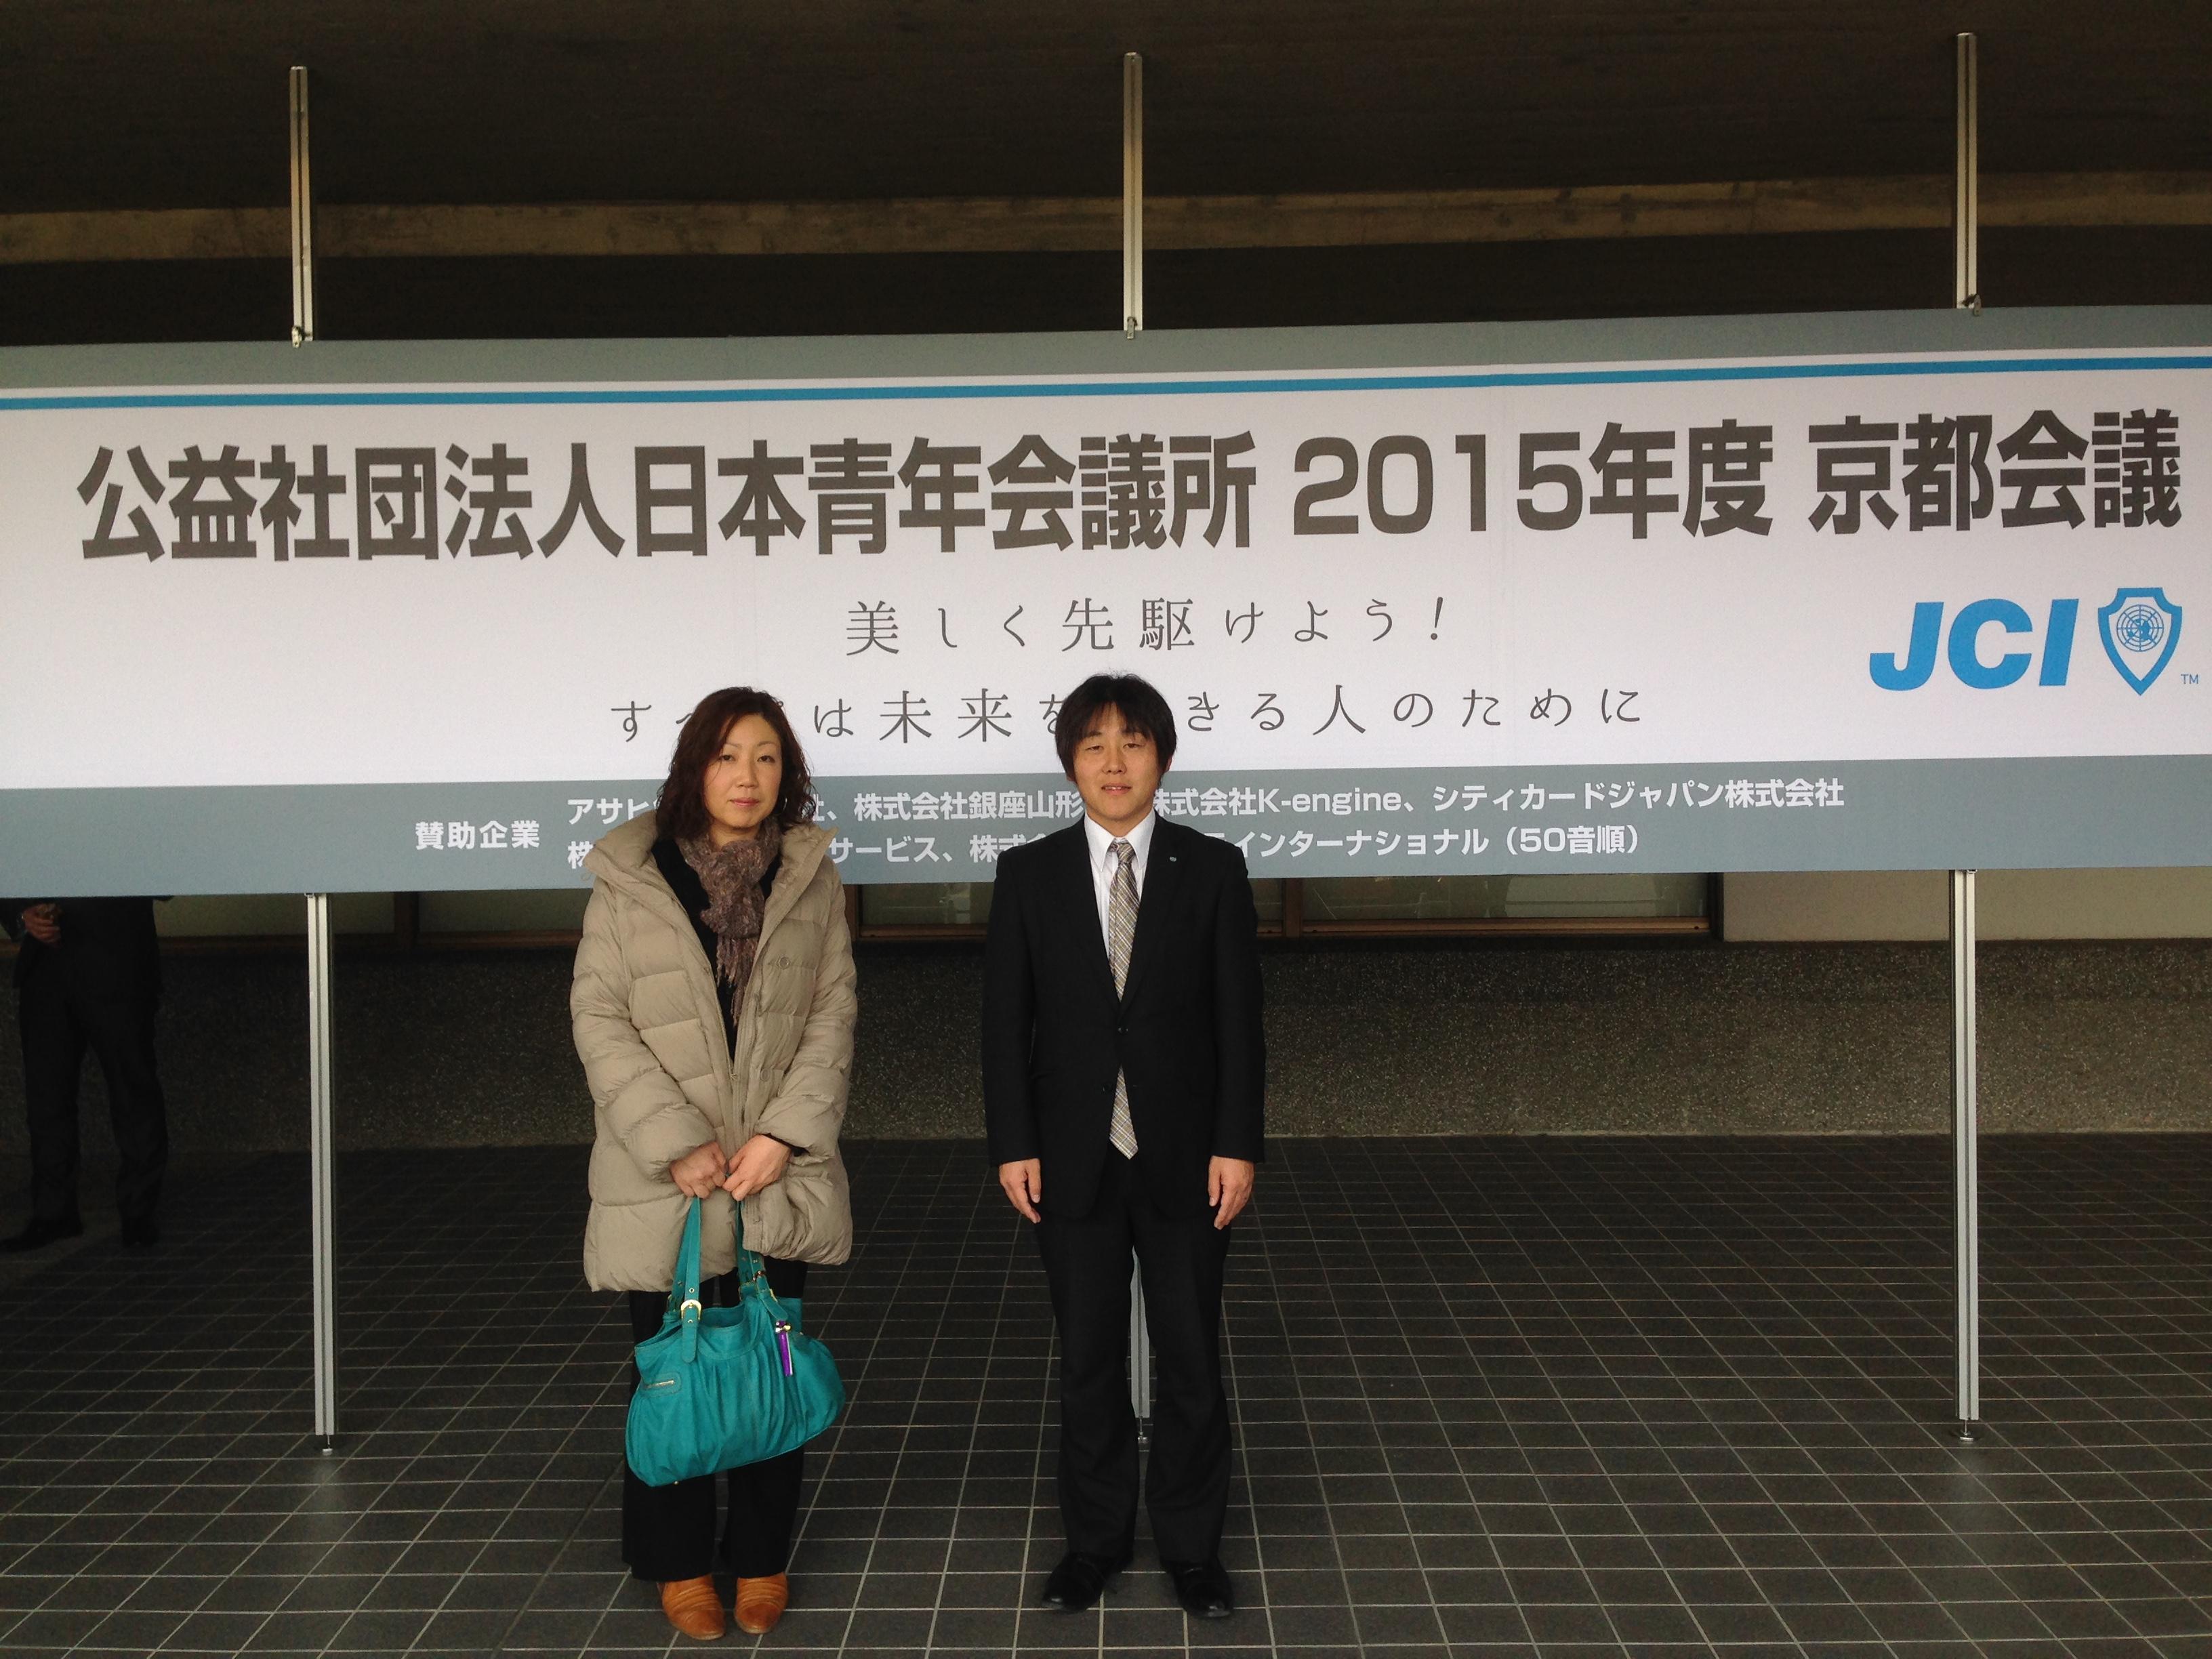 京都会議開催